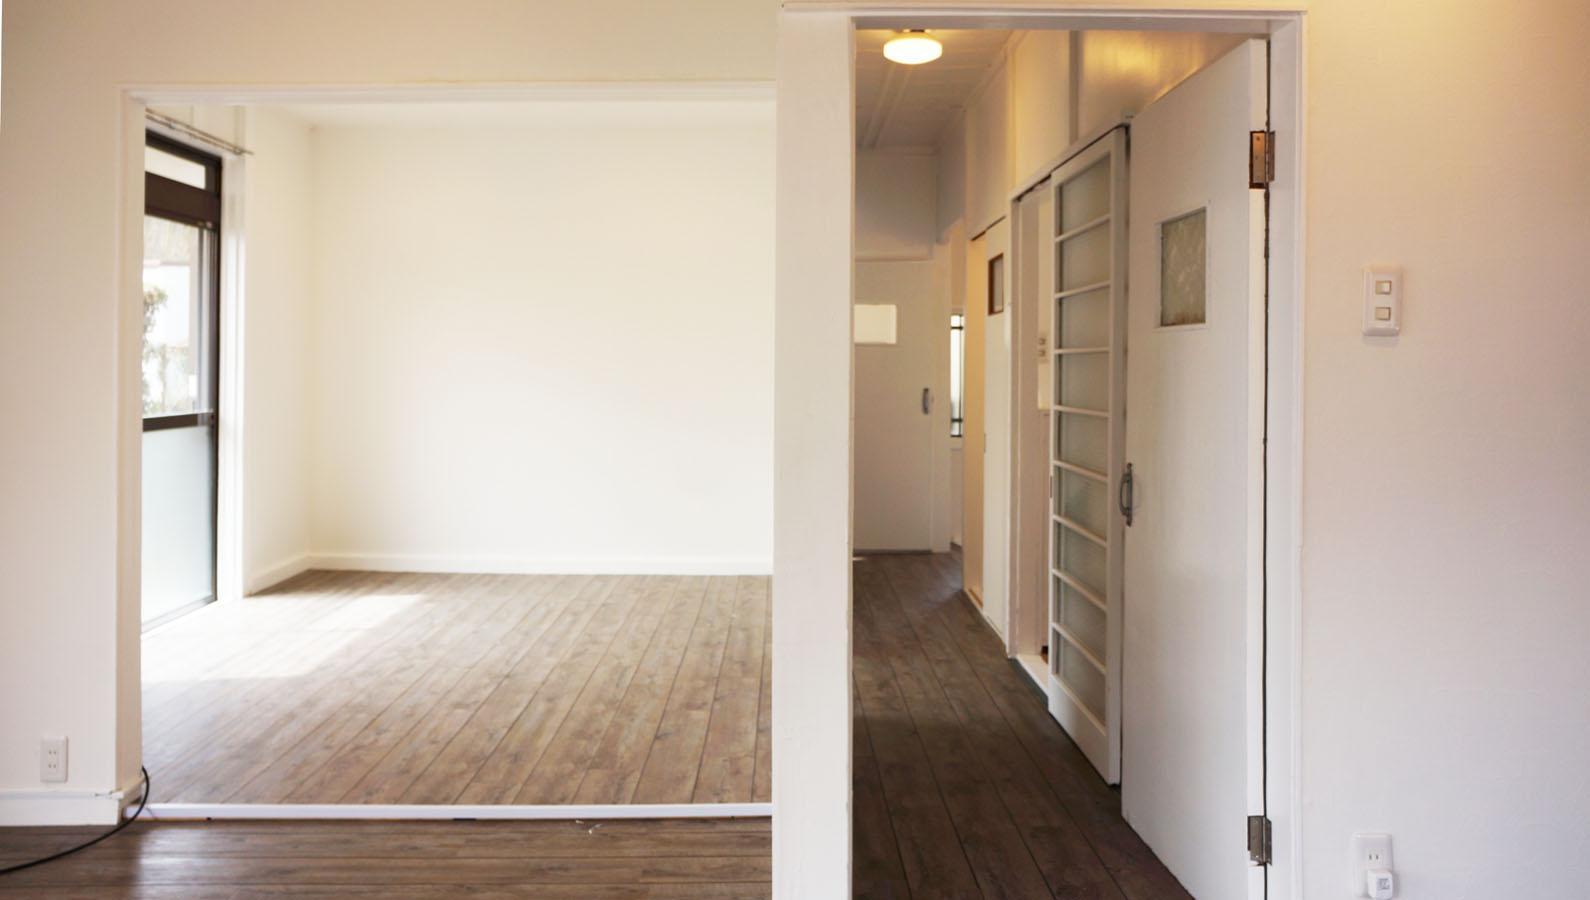 左側の空間は洋室の引戸が取られ、リビングダイニングとつながっています